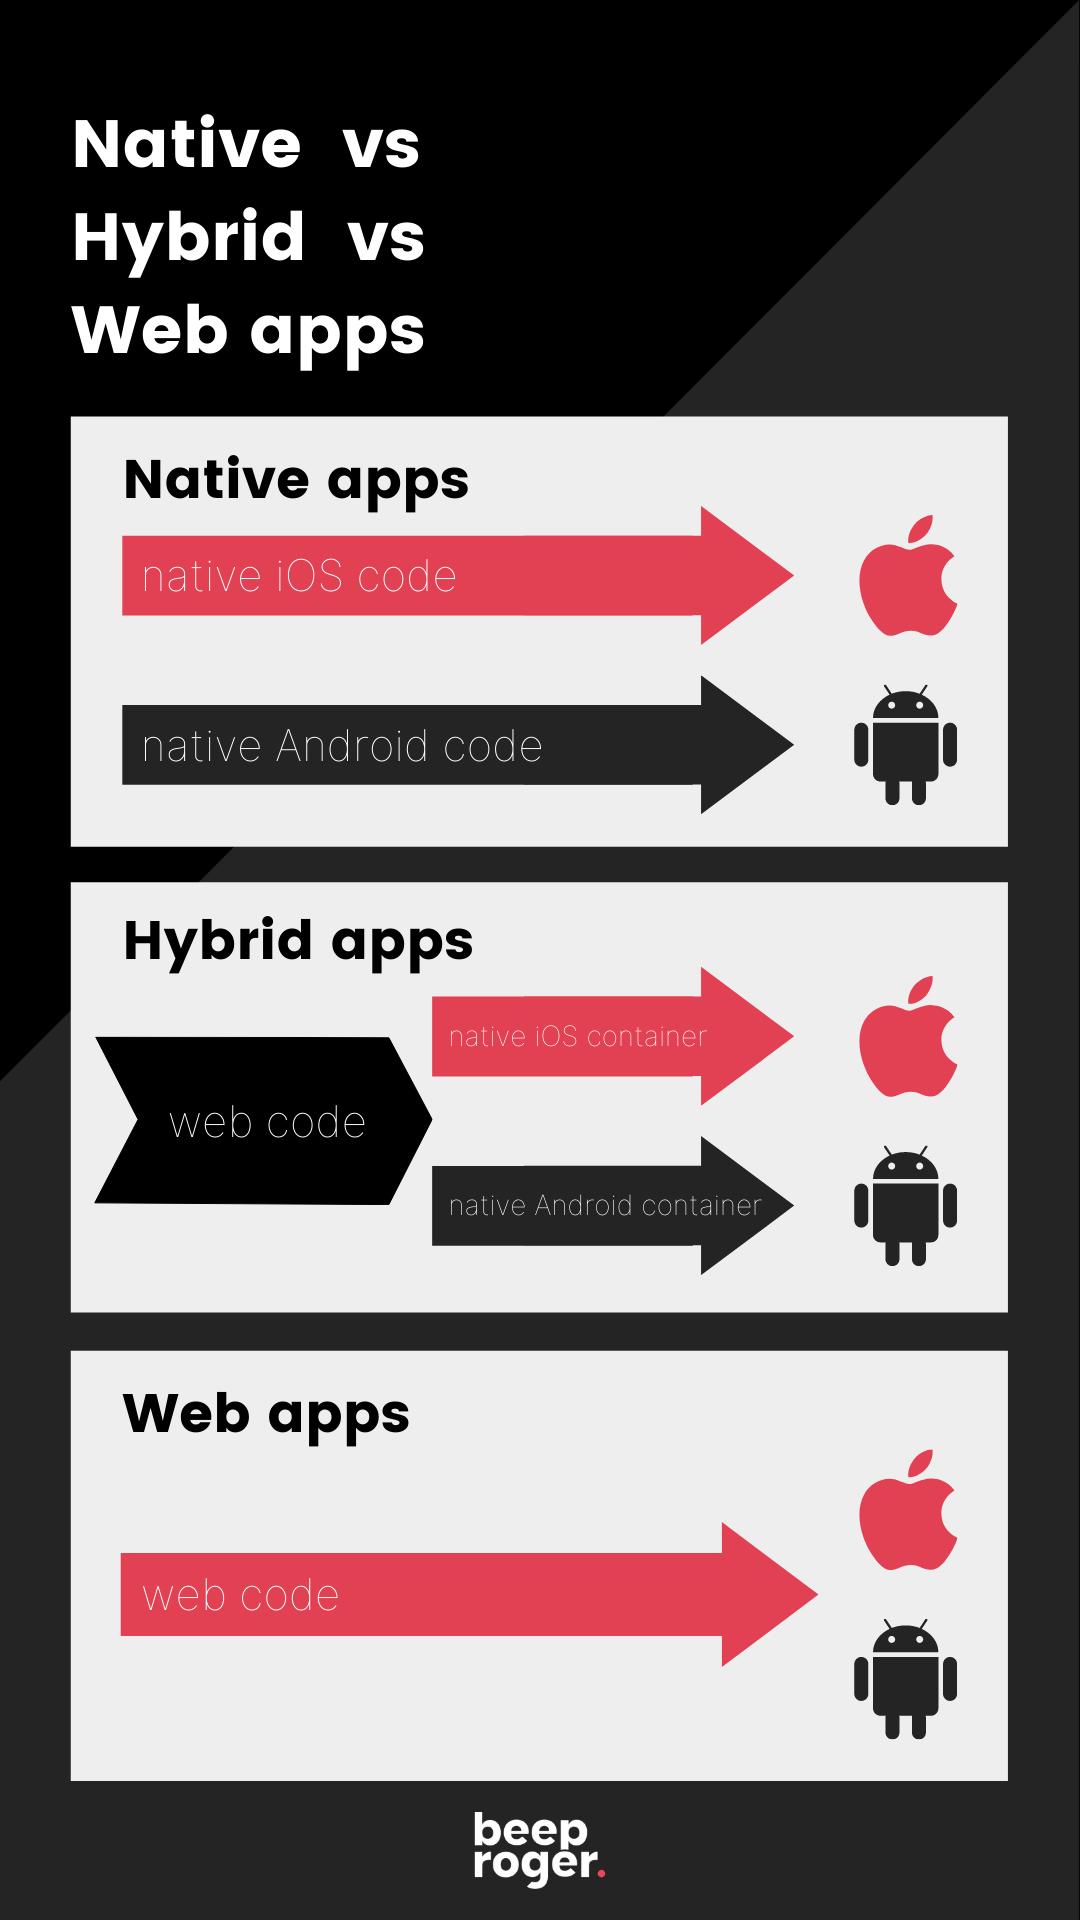 native apps vs hybrid apps vs web apps